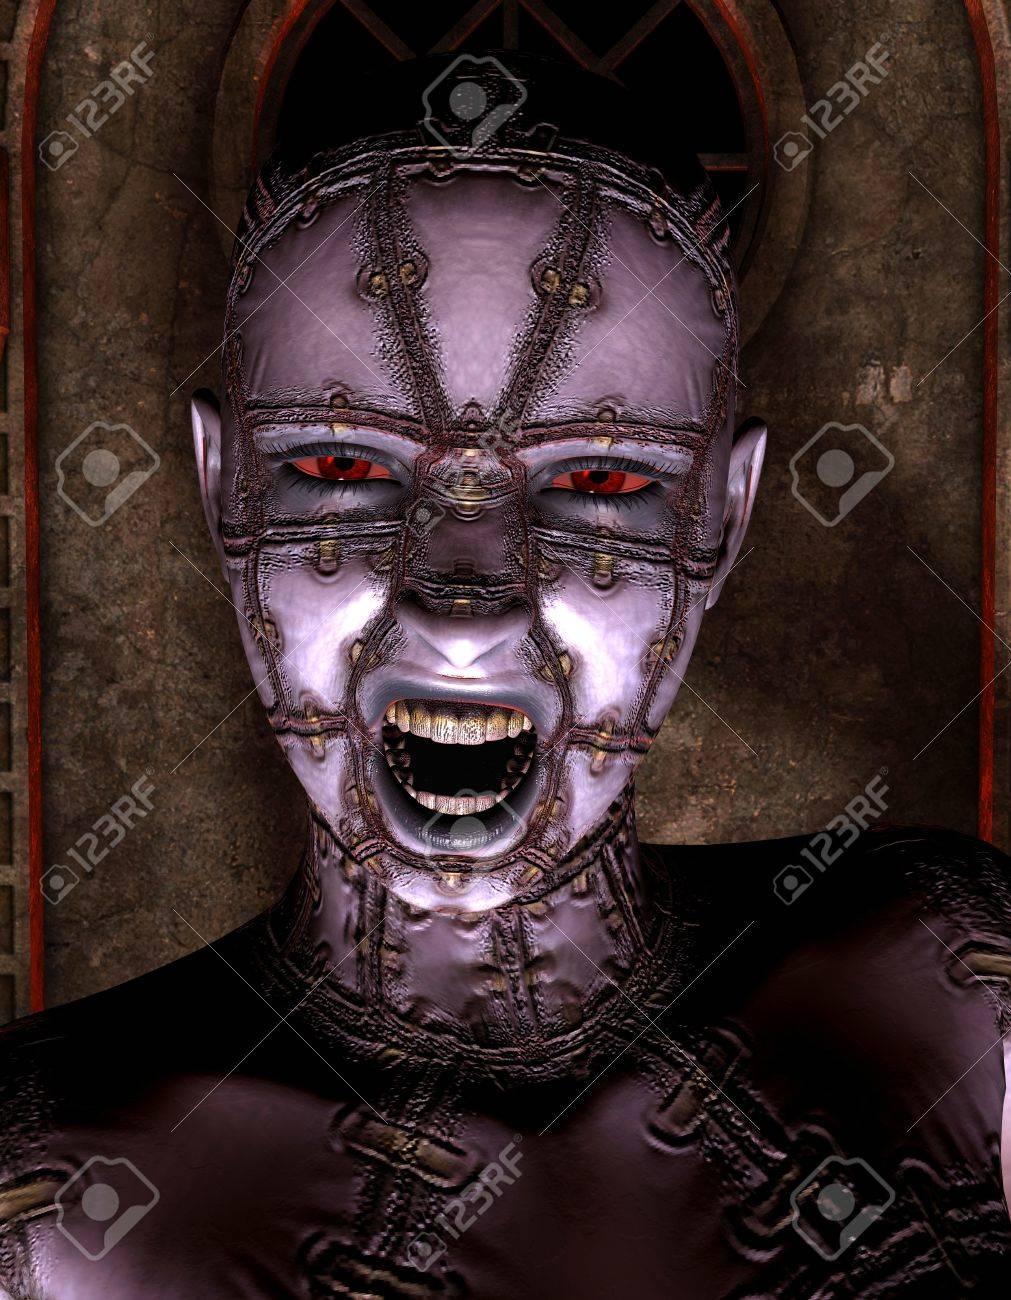 Rendering 3D portrait of a demon queen Stock Photo - 8833951